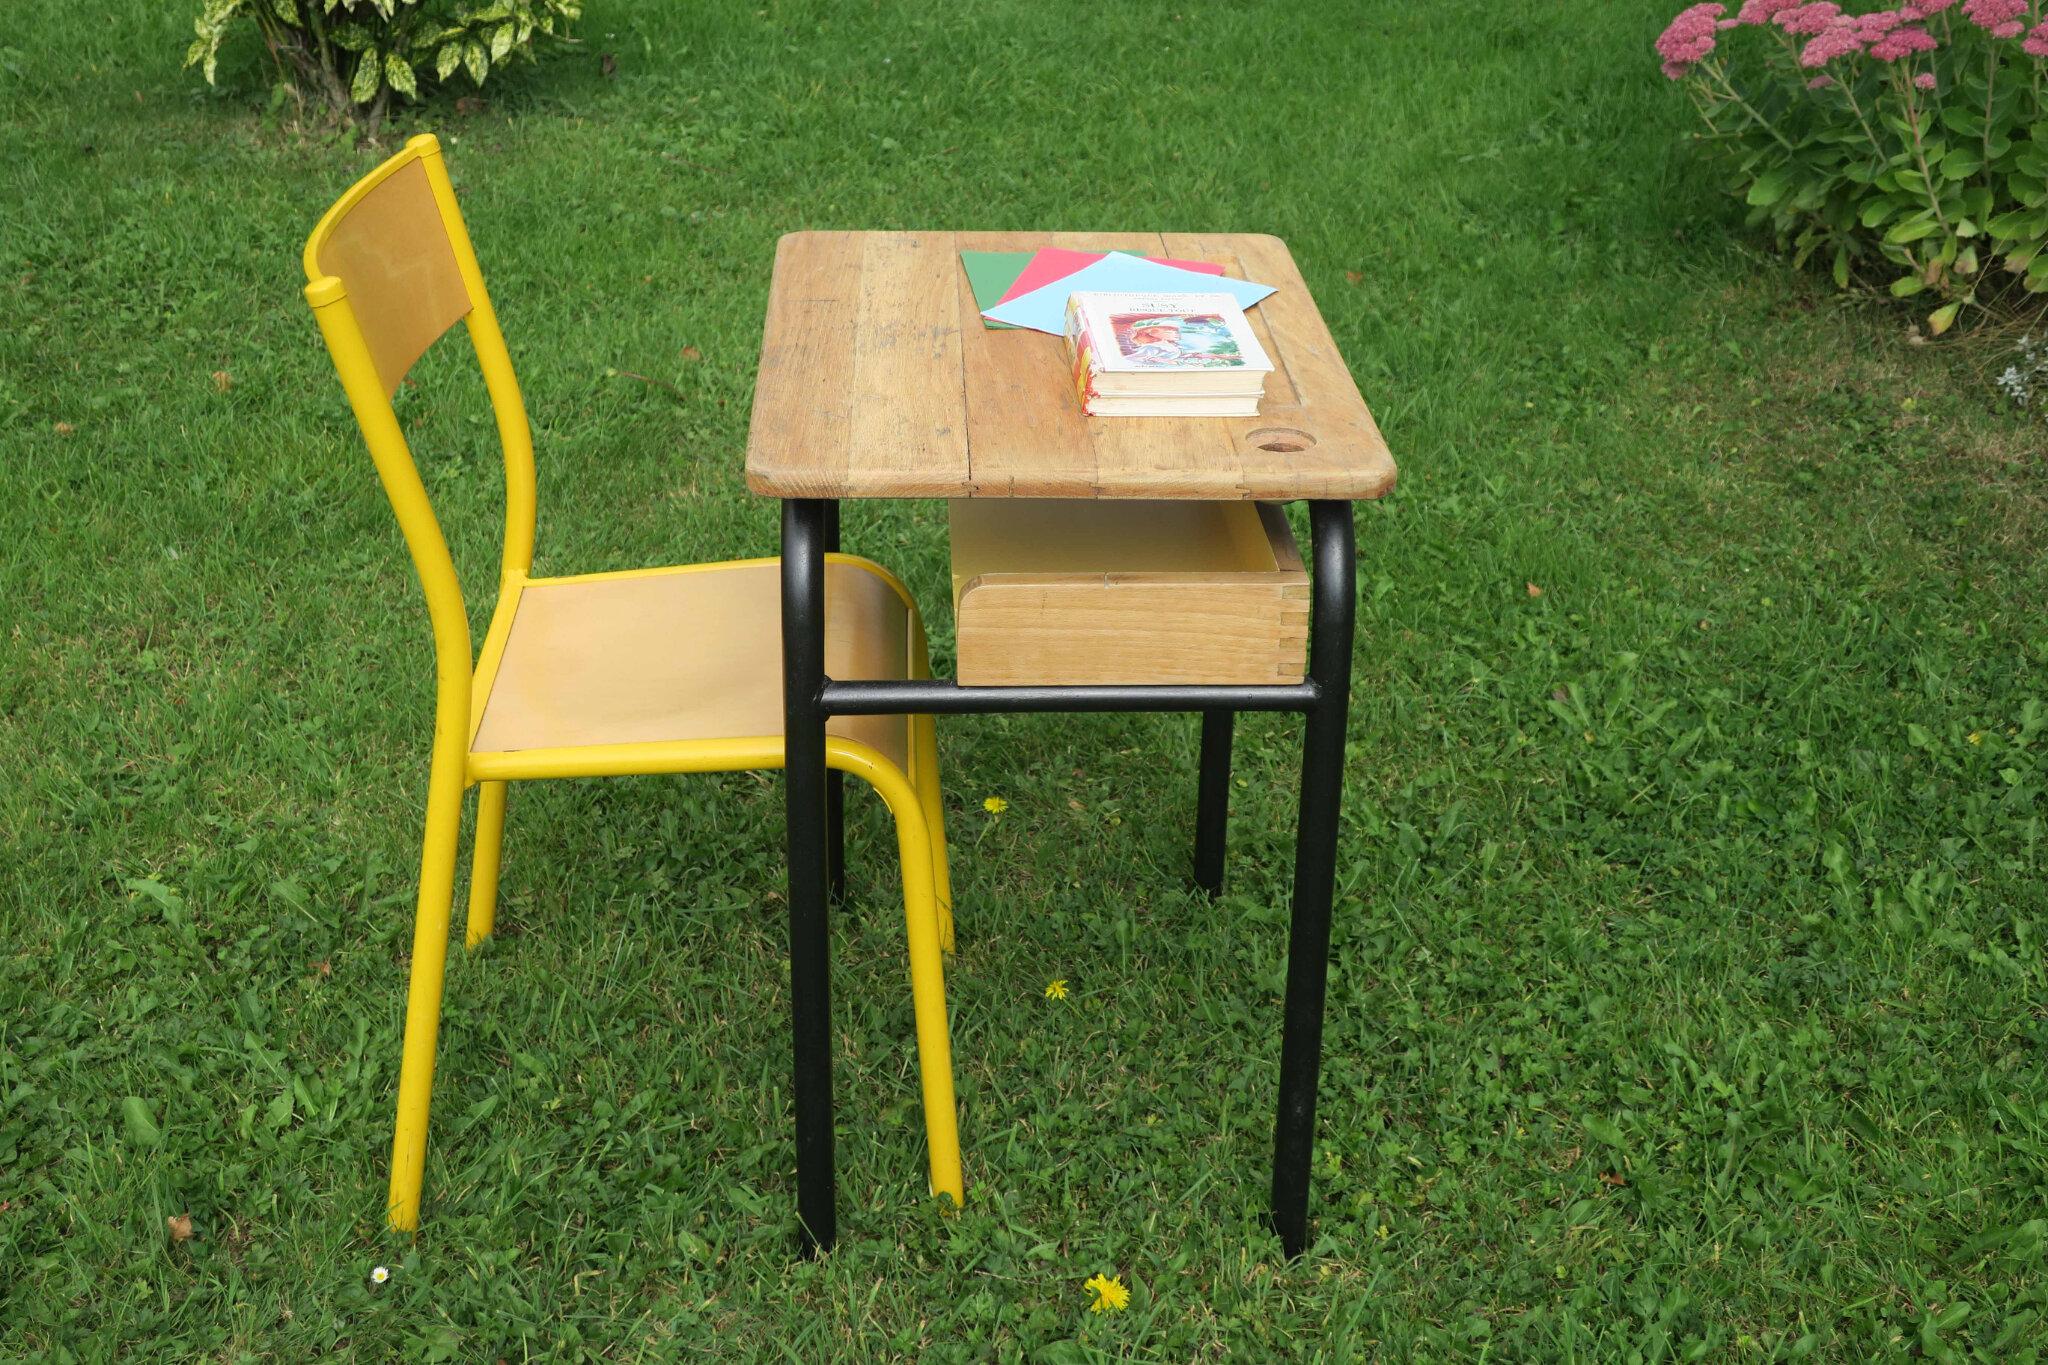 Bureau écolier hauteur 70 cm 140 euros photo de meubles relookés à